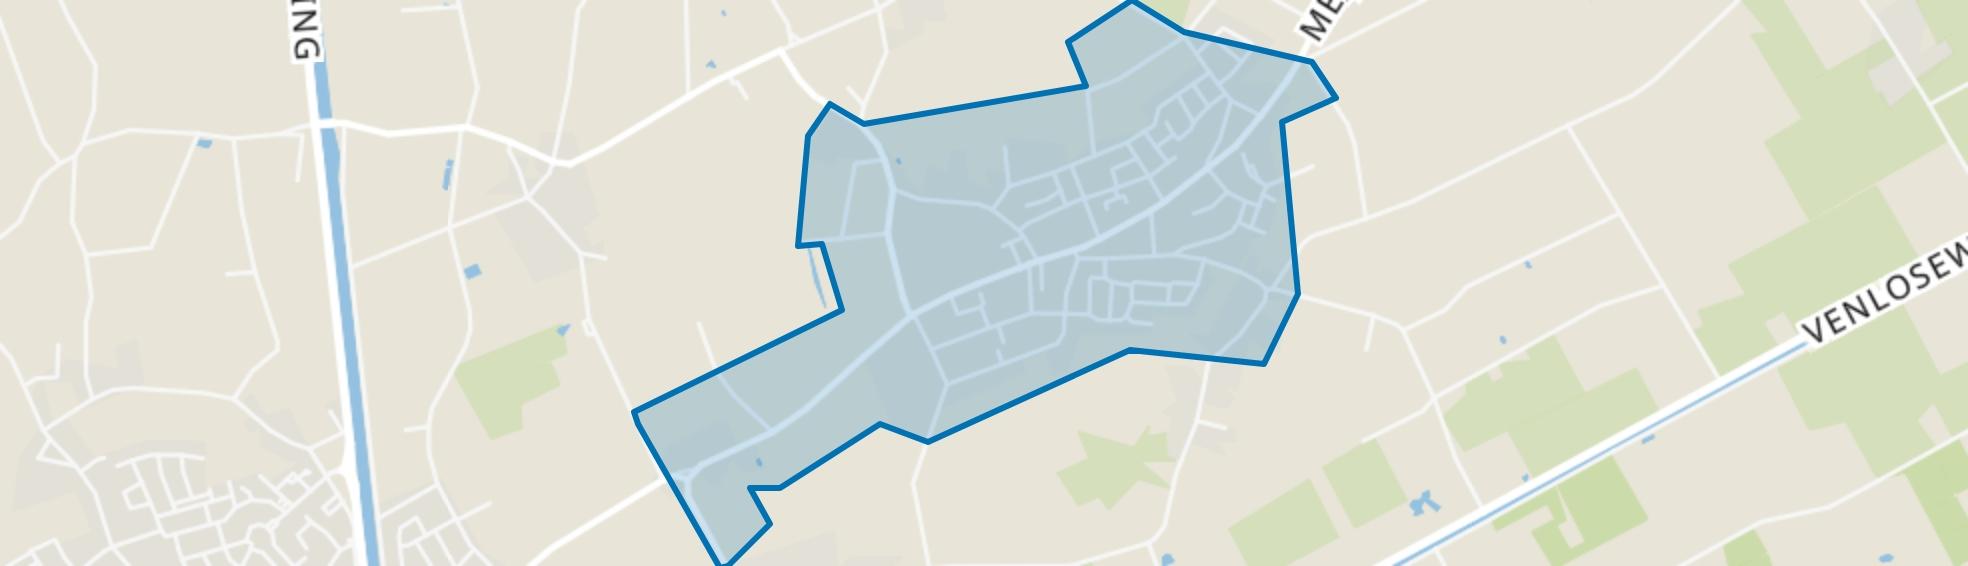 Ospel, Ospel map